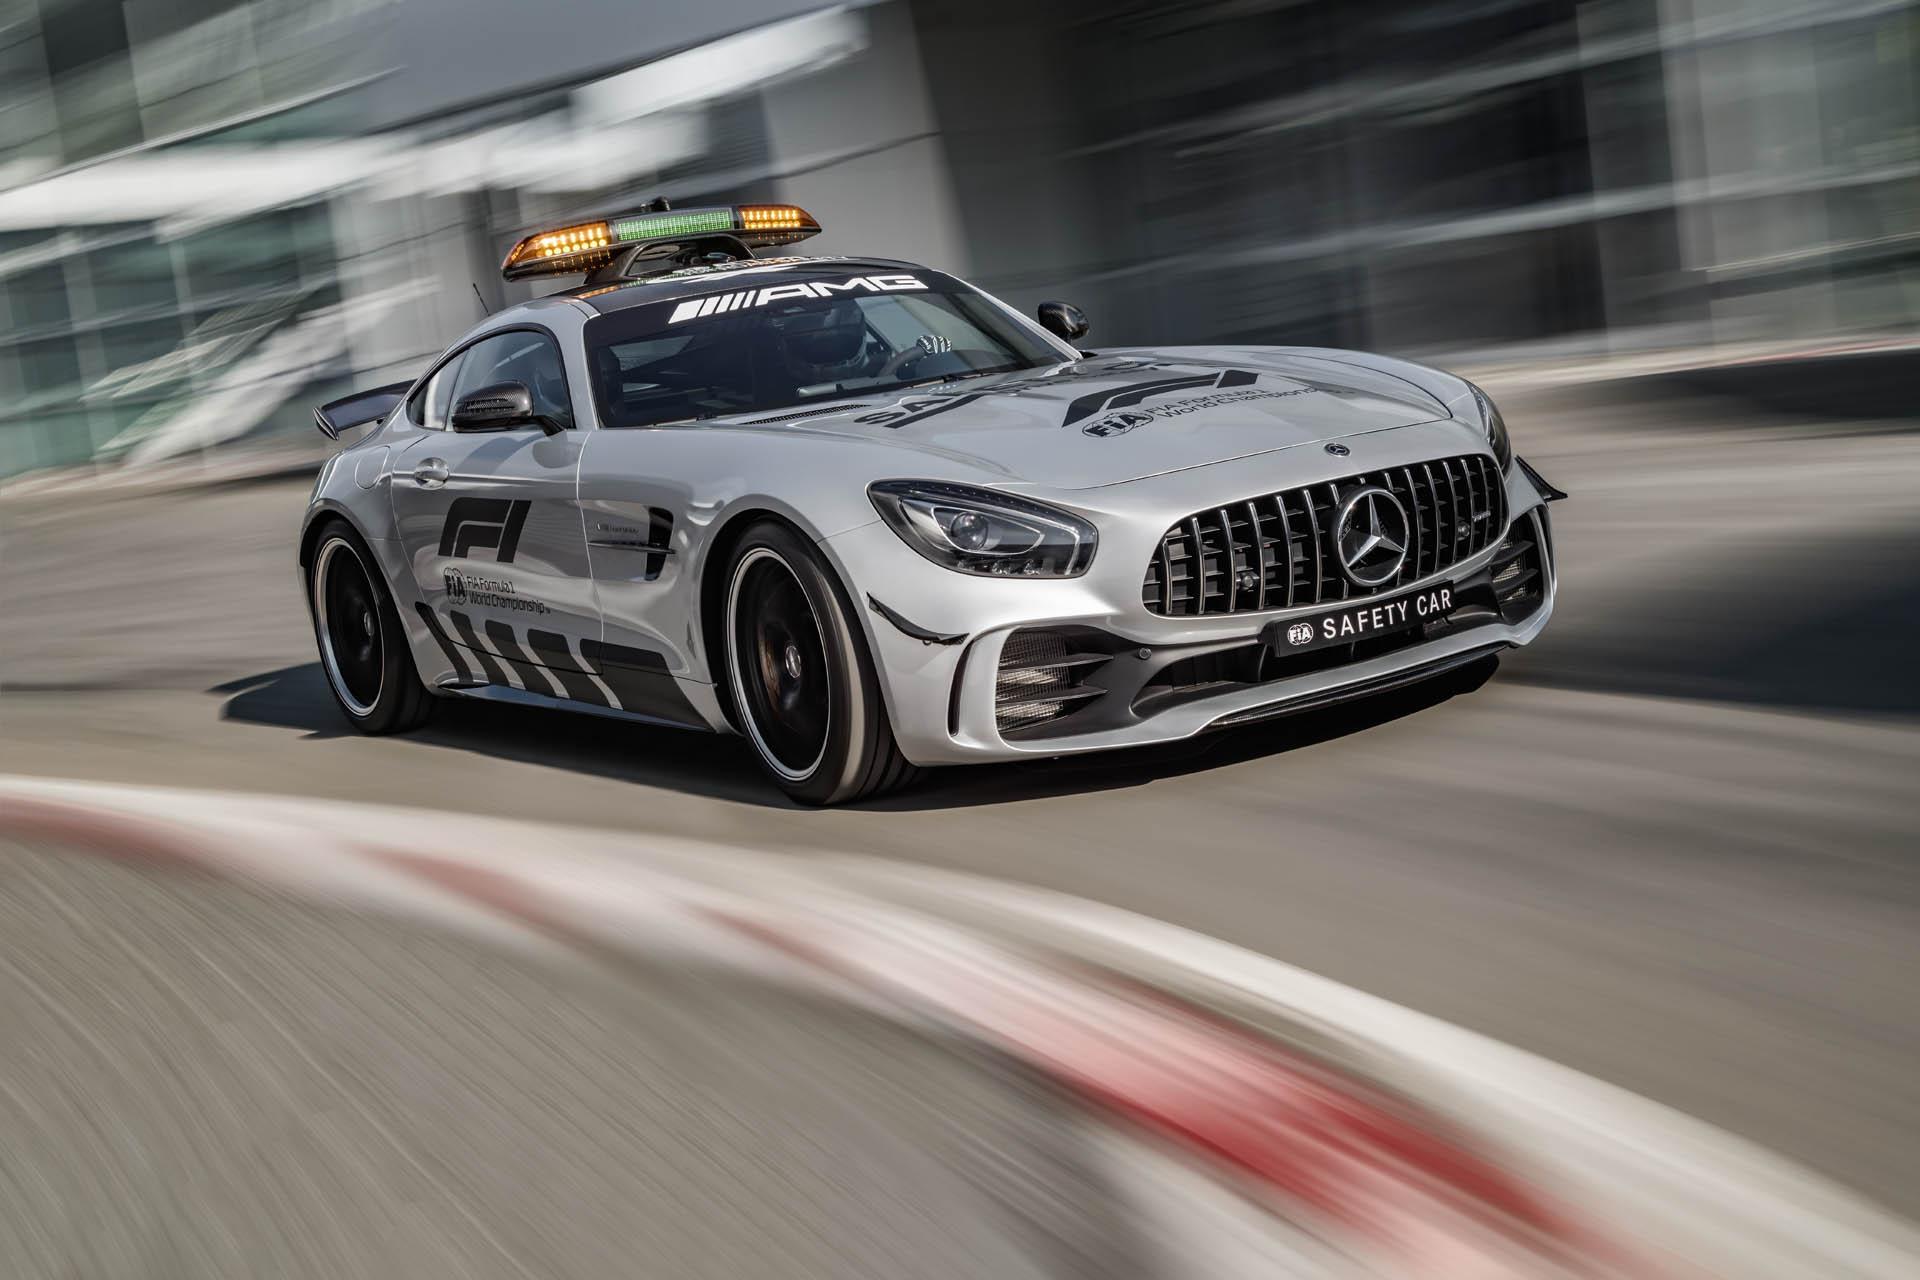 Mercedes-AMG GT R - Safety Car F1 2018